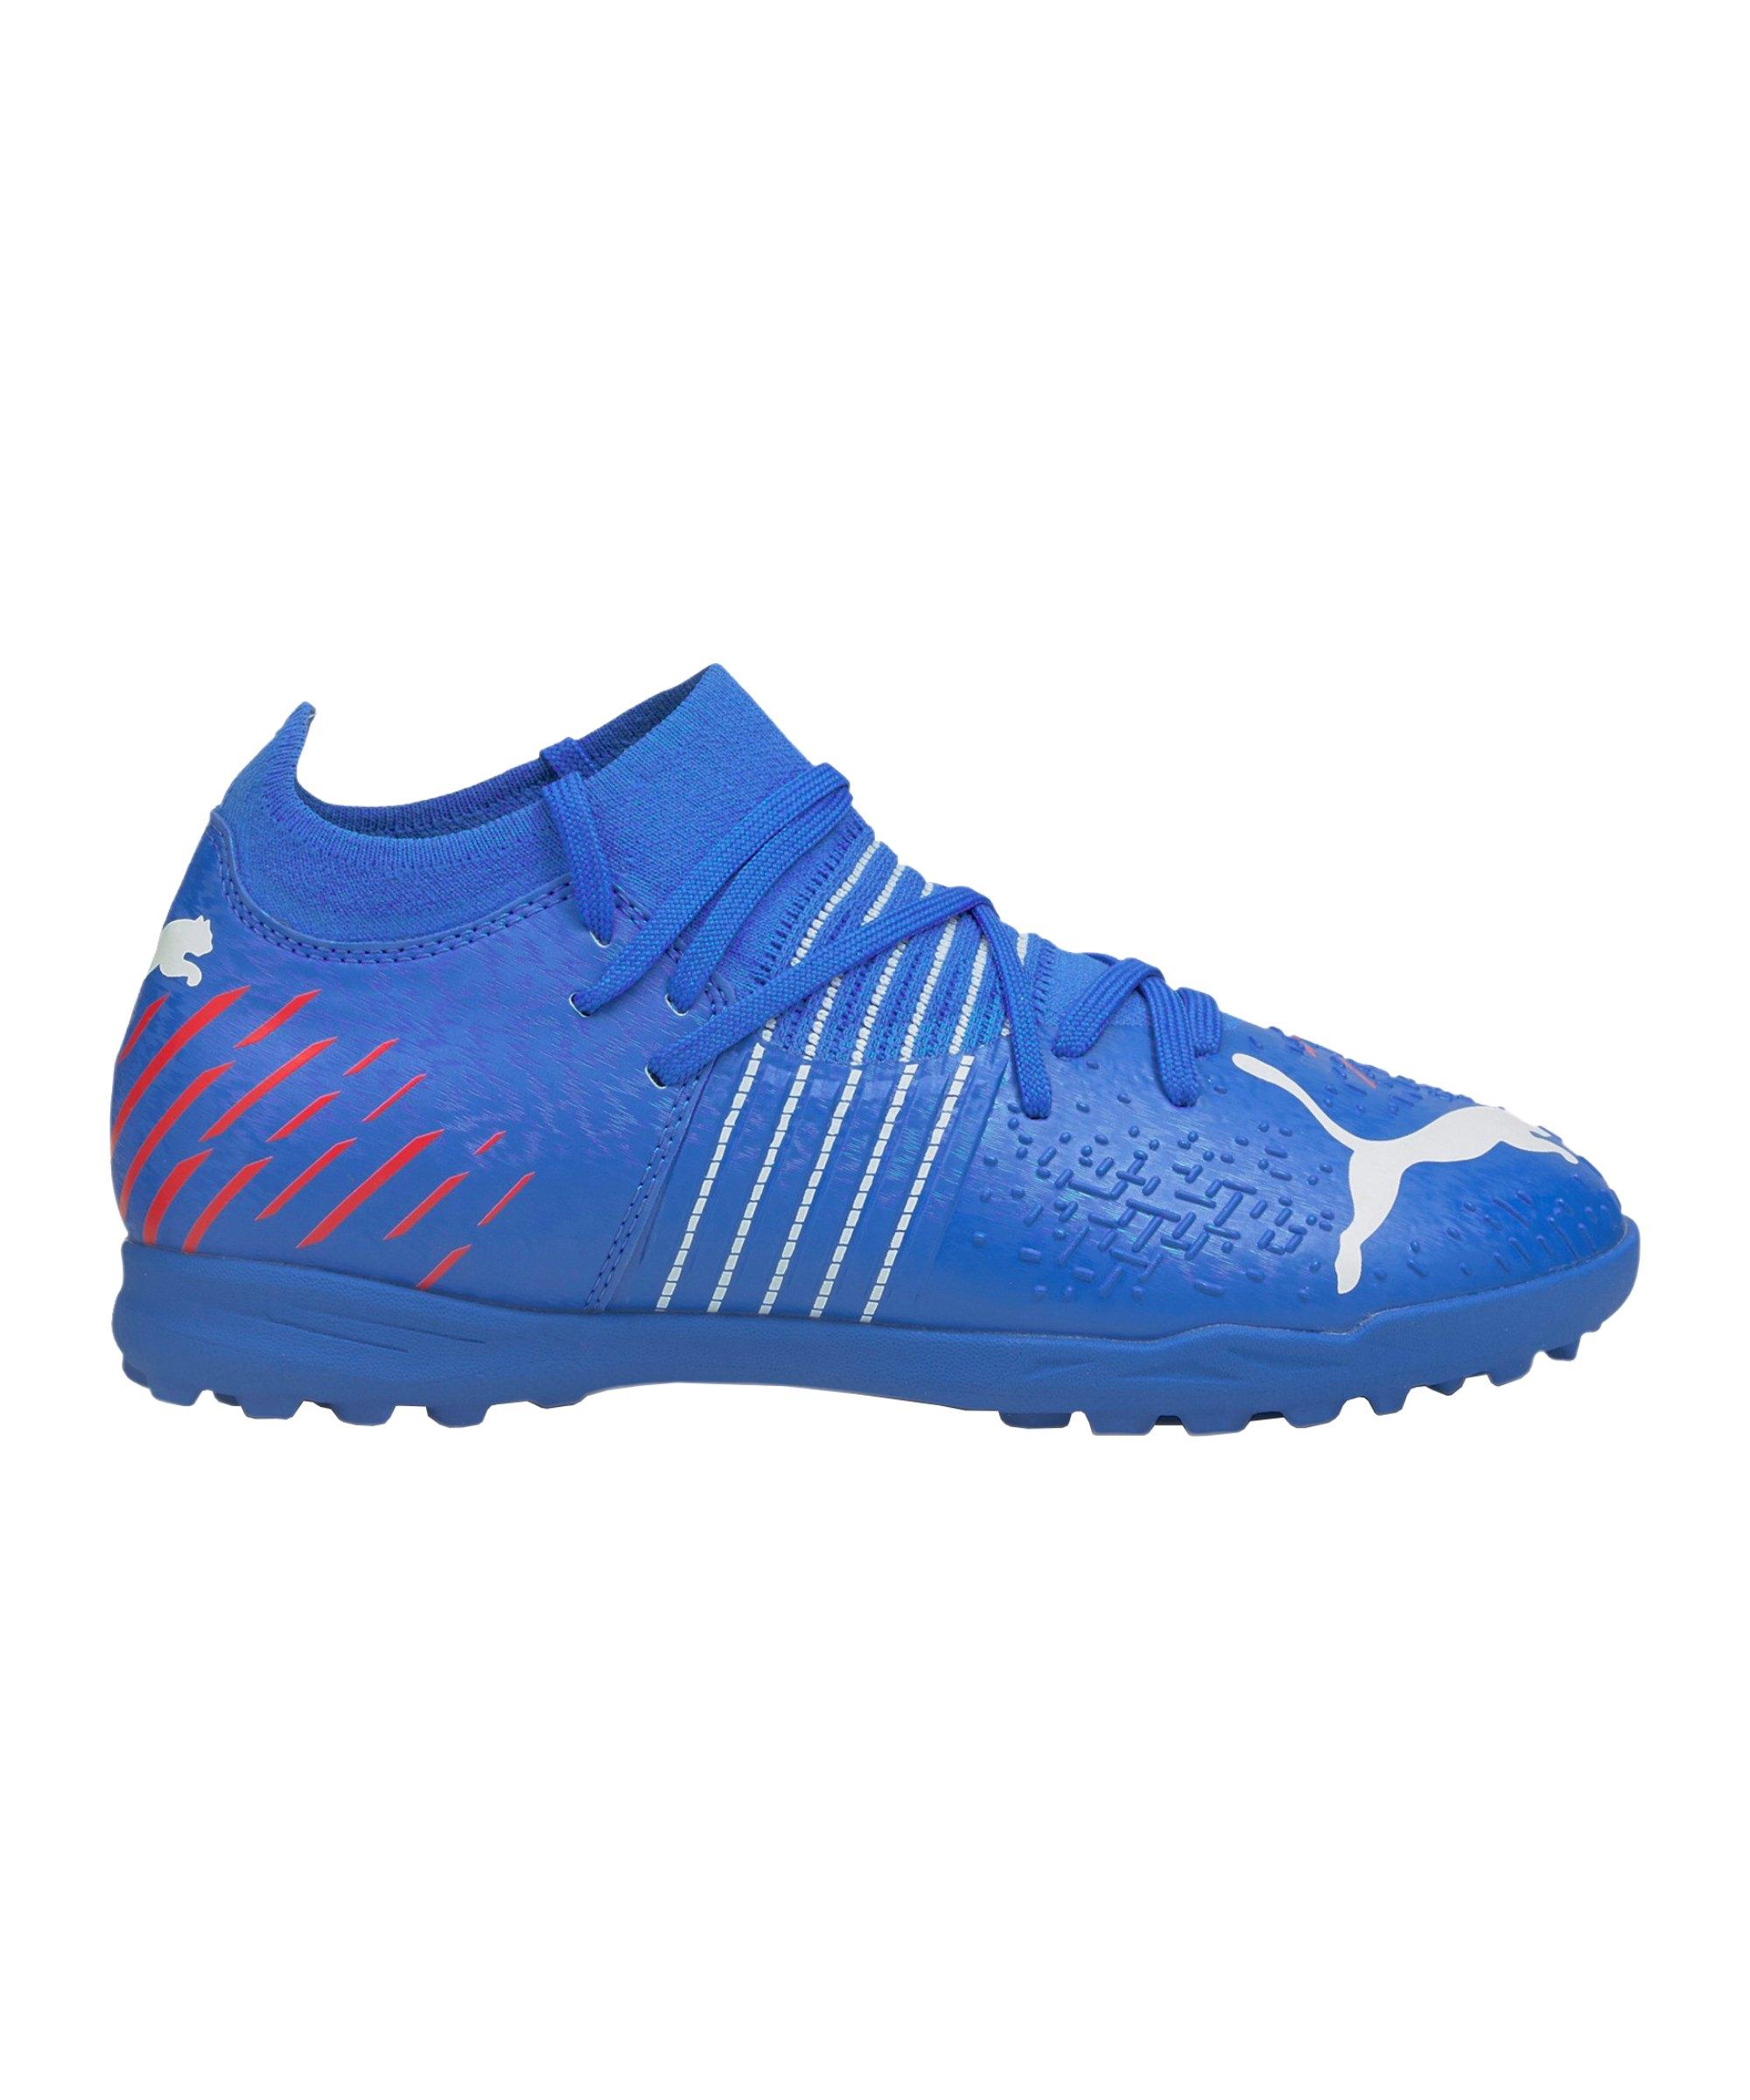 PUMA FUTURE Z 3.2 Faster Football TT Kids Blau Rot F01 - blau